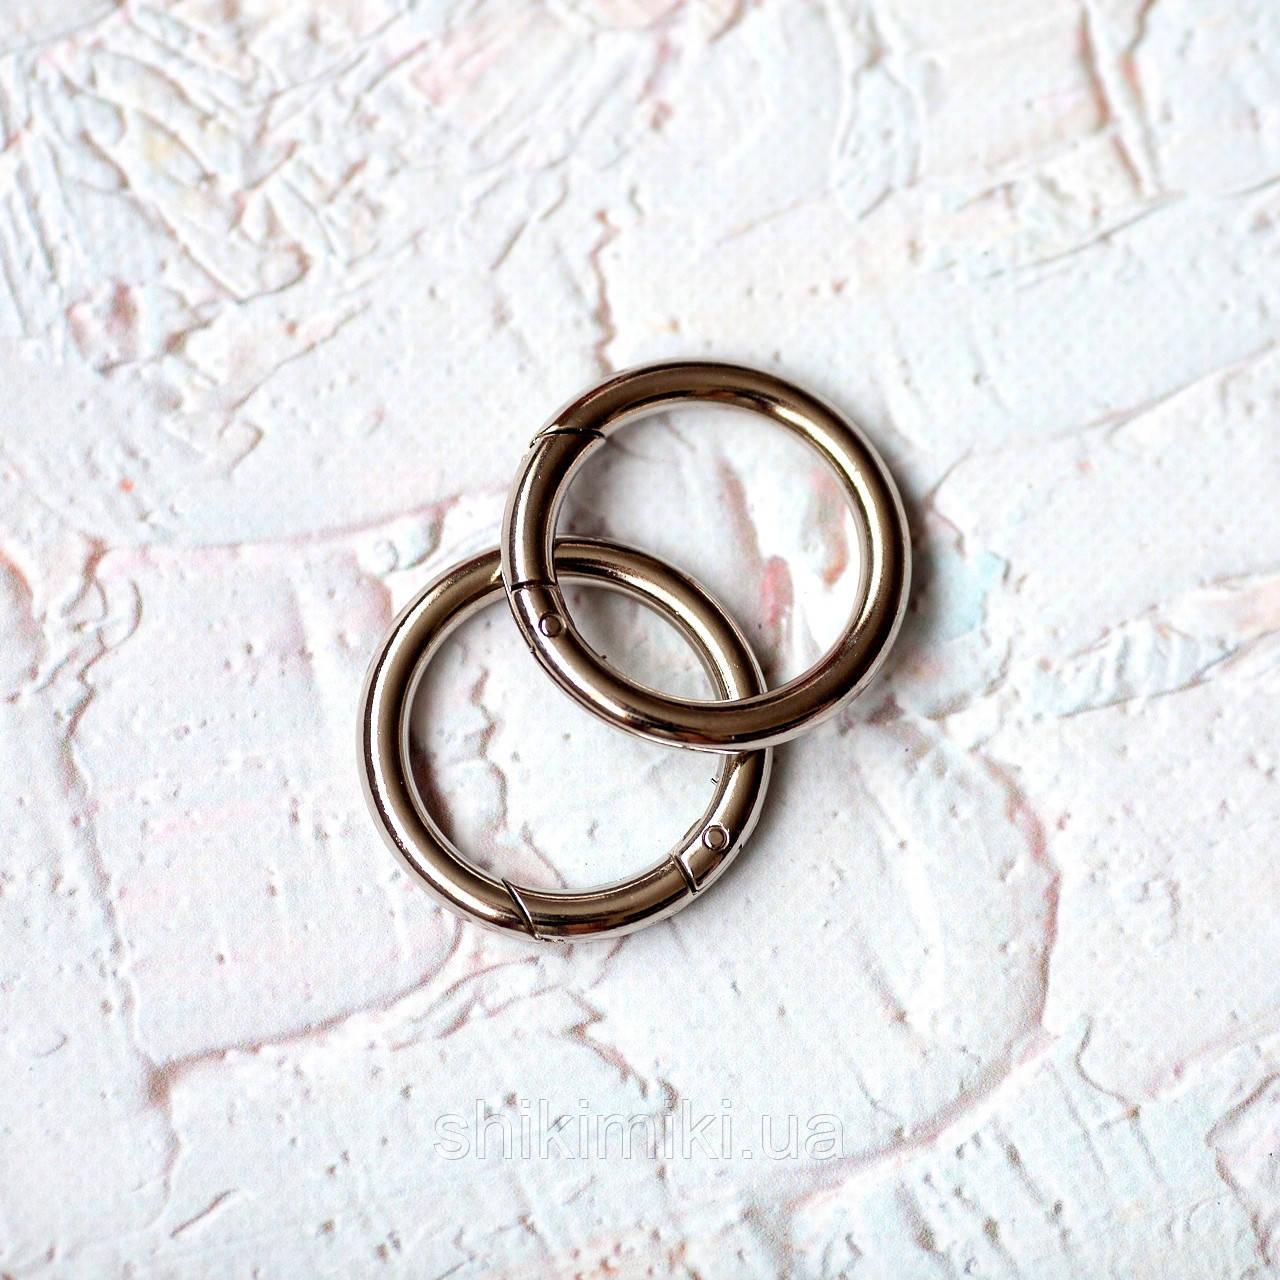 Кольцо-карабин KK03-11 (30 мм), цвет никель